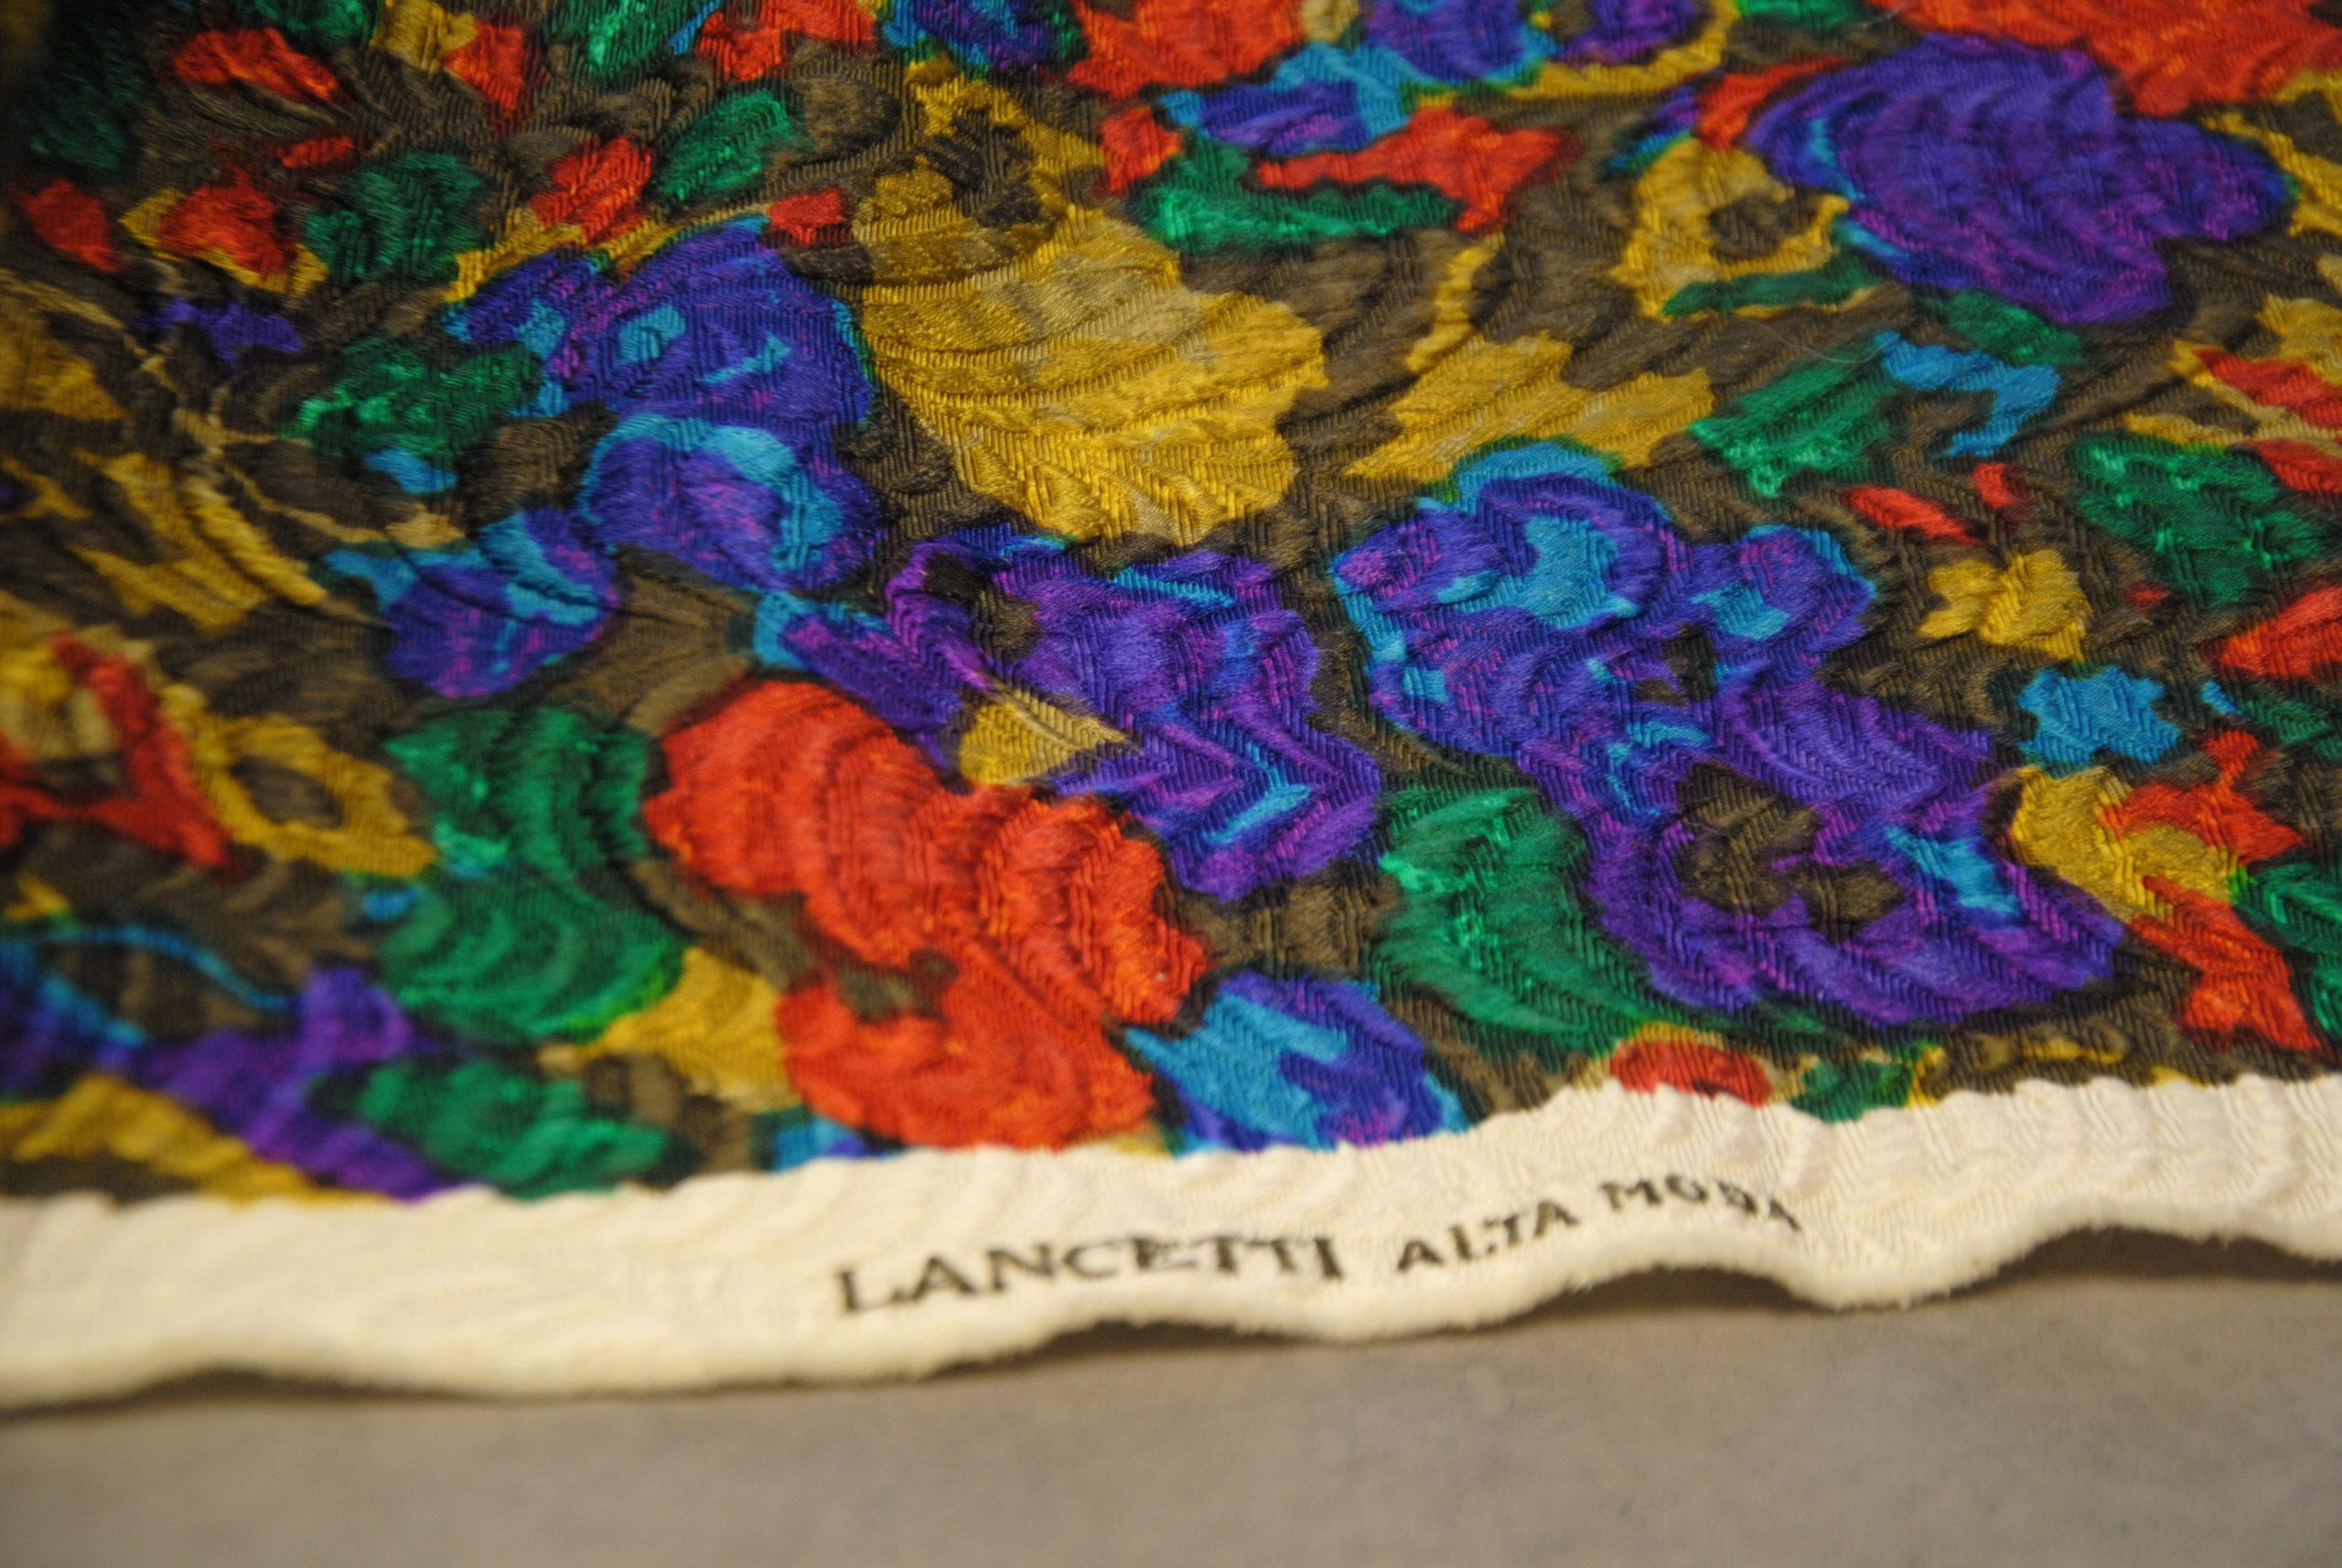 DSC 1179 2 scaled Lancetti broccato lana e seta